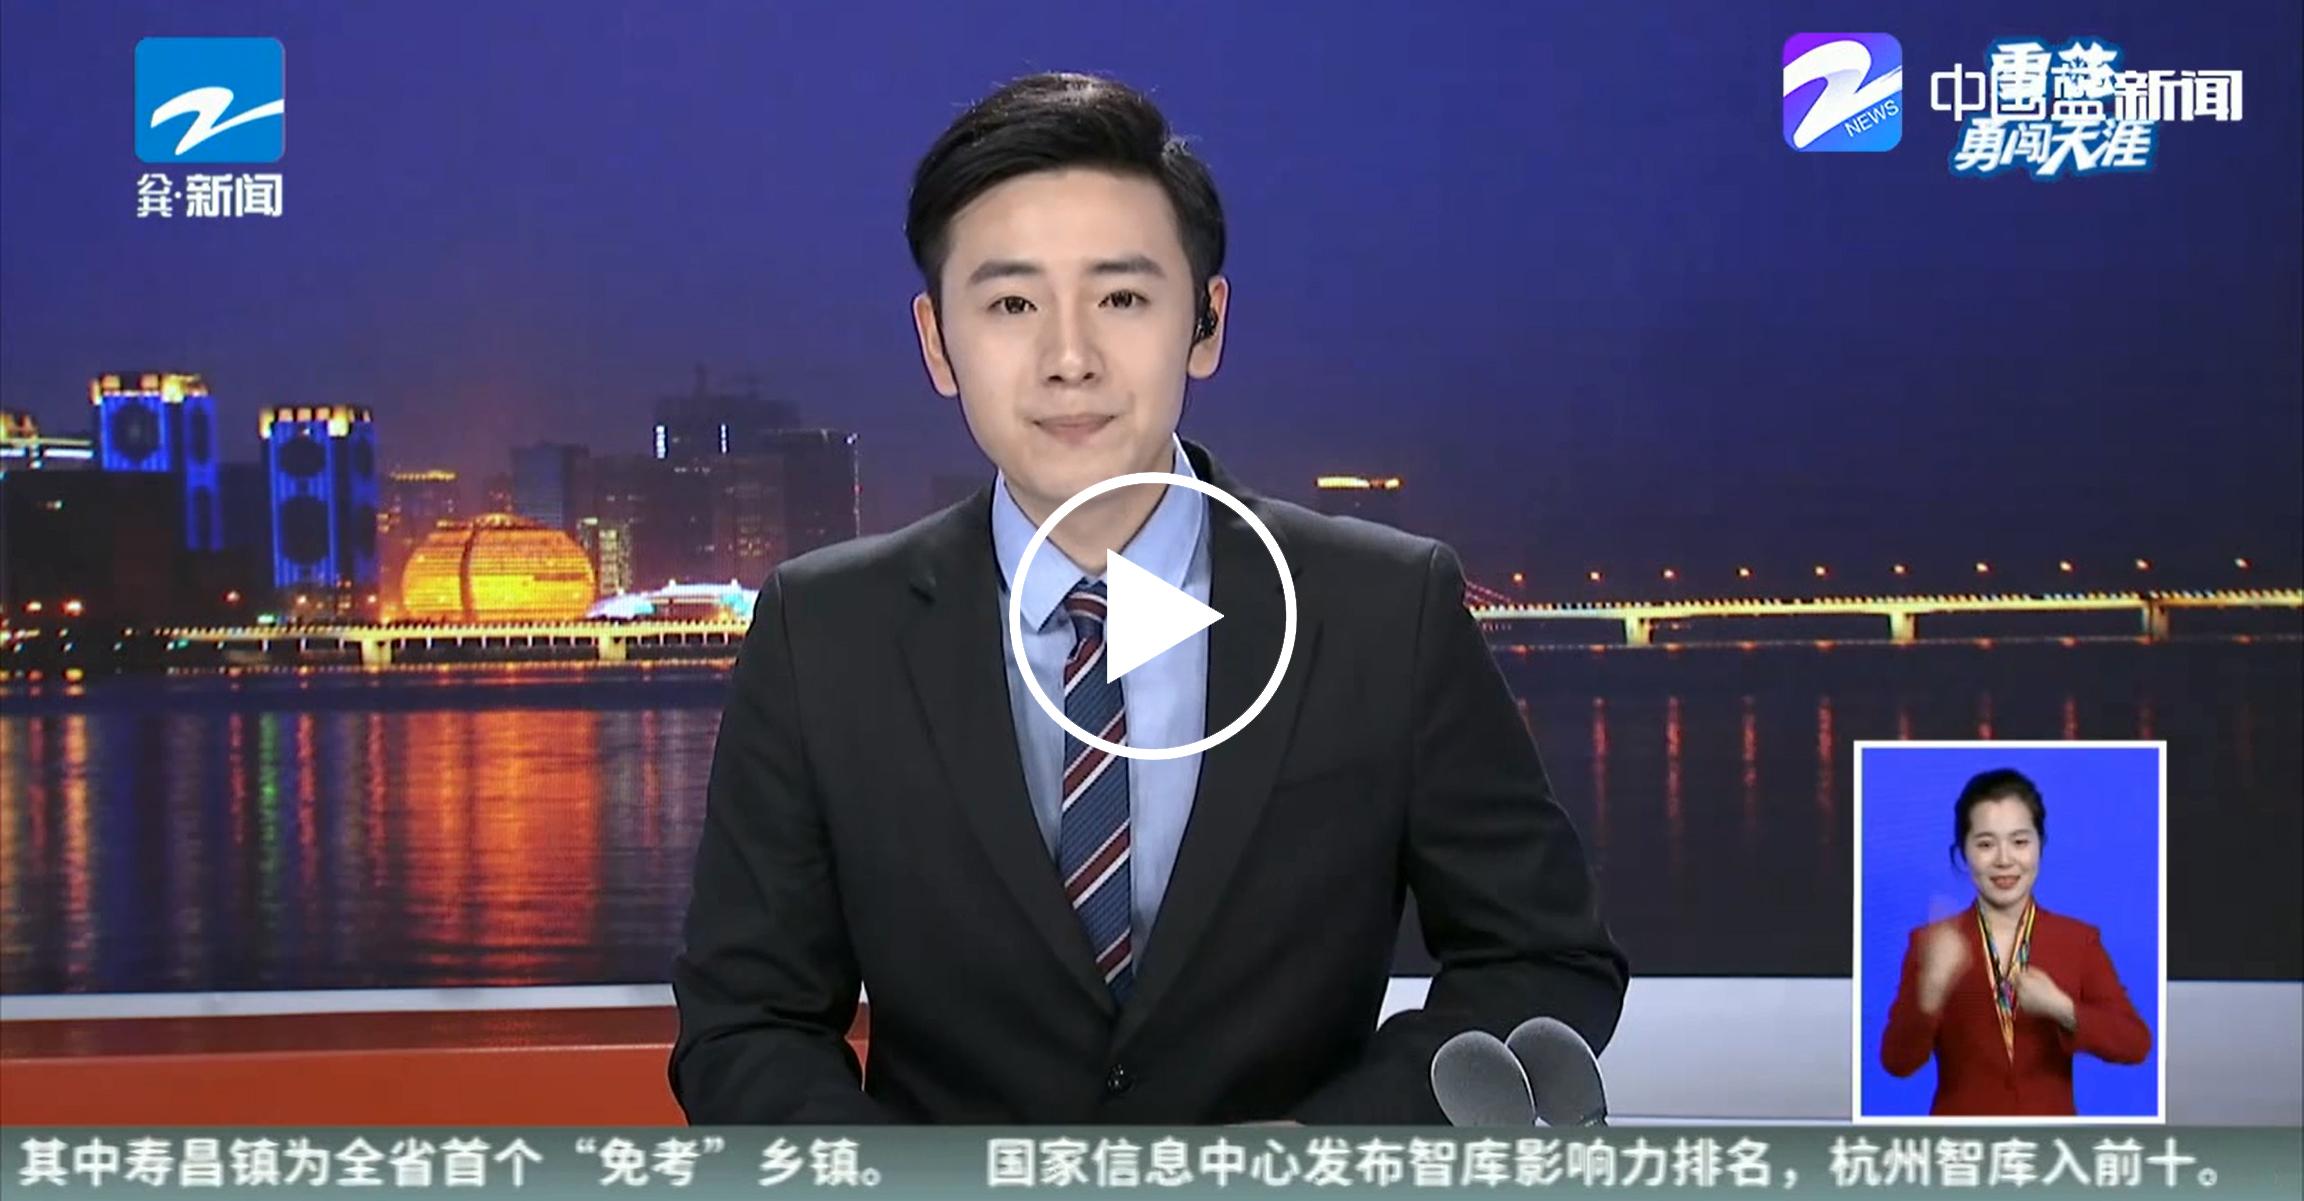 """2018""""沃土杯""""大学生网络创业大赛总决赛落幕"""